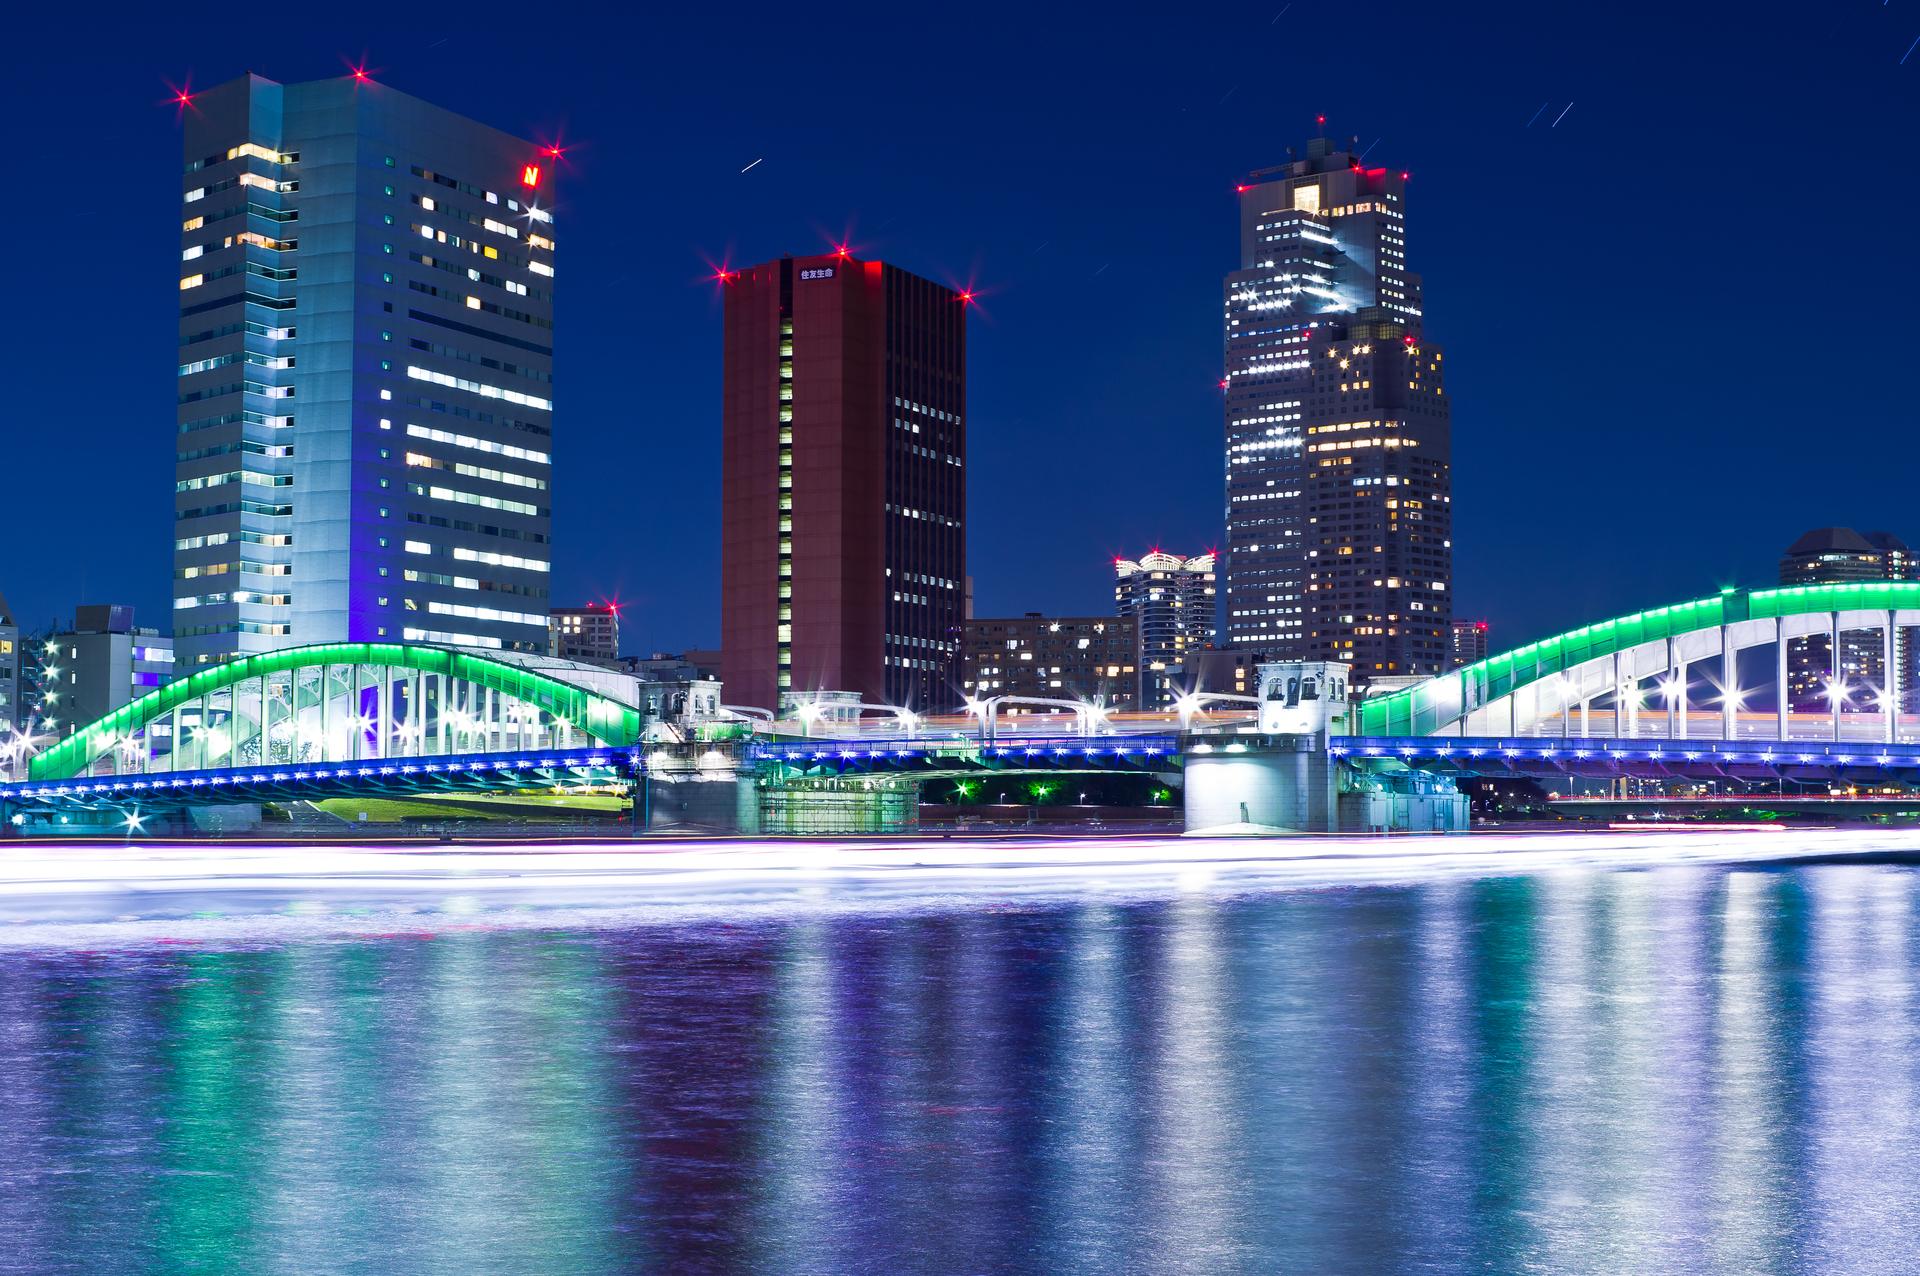 夜の永代橋と屋形船光跡